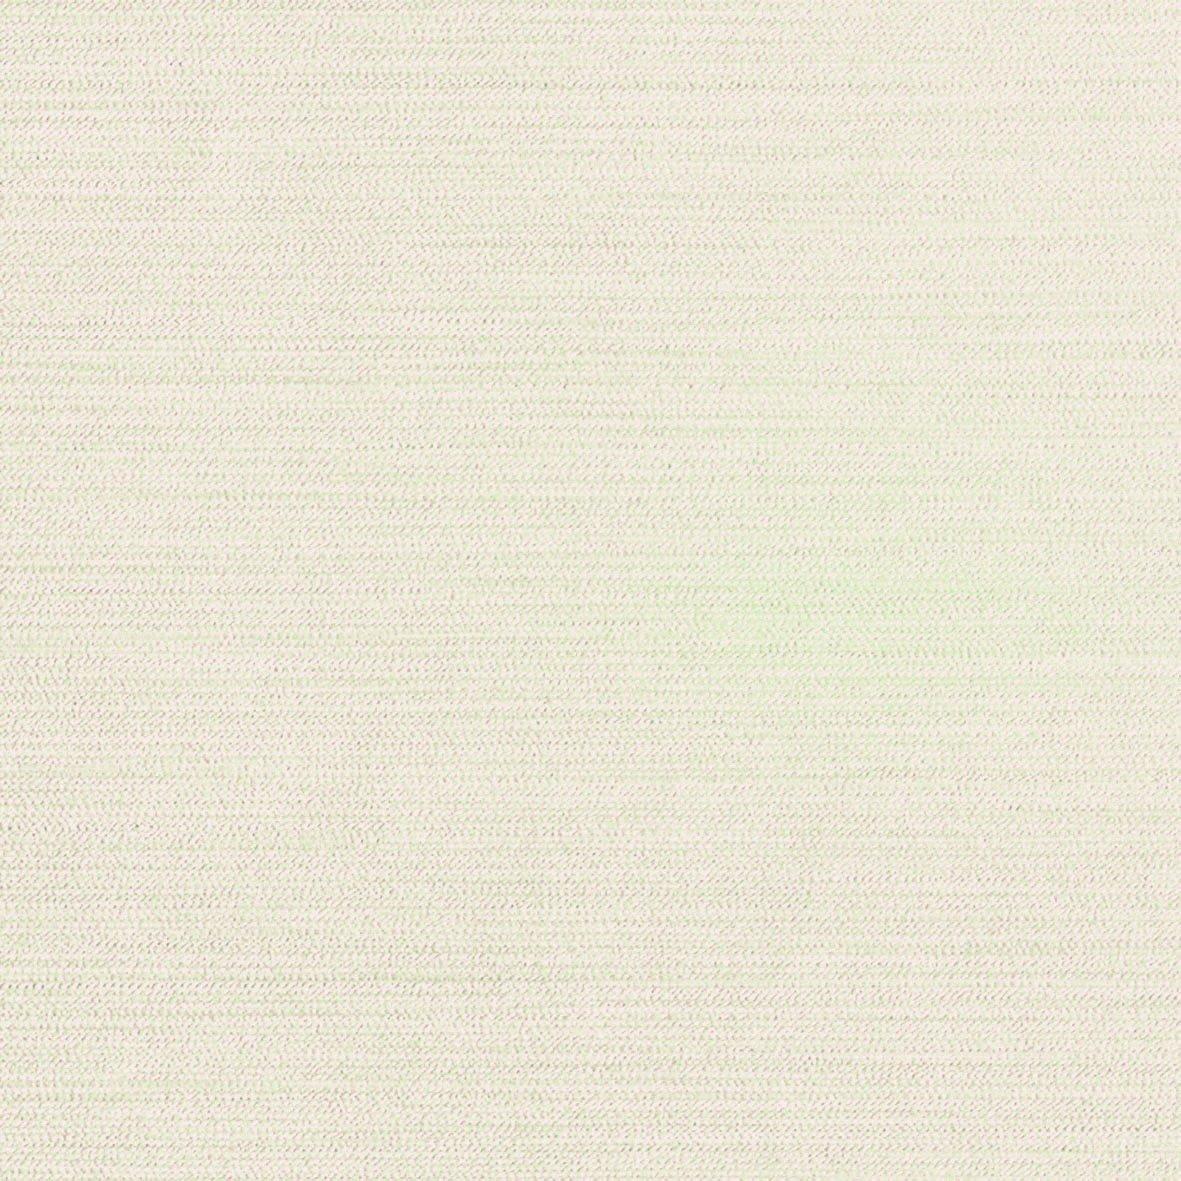 リリカラ 壁紙32m シンフル 無地 ホワイト LL-8587 B01MQFJQ9M 32m|ホワイト